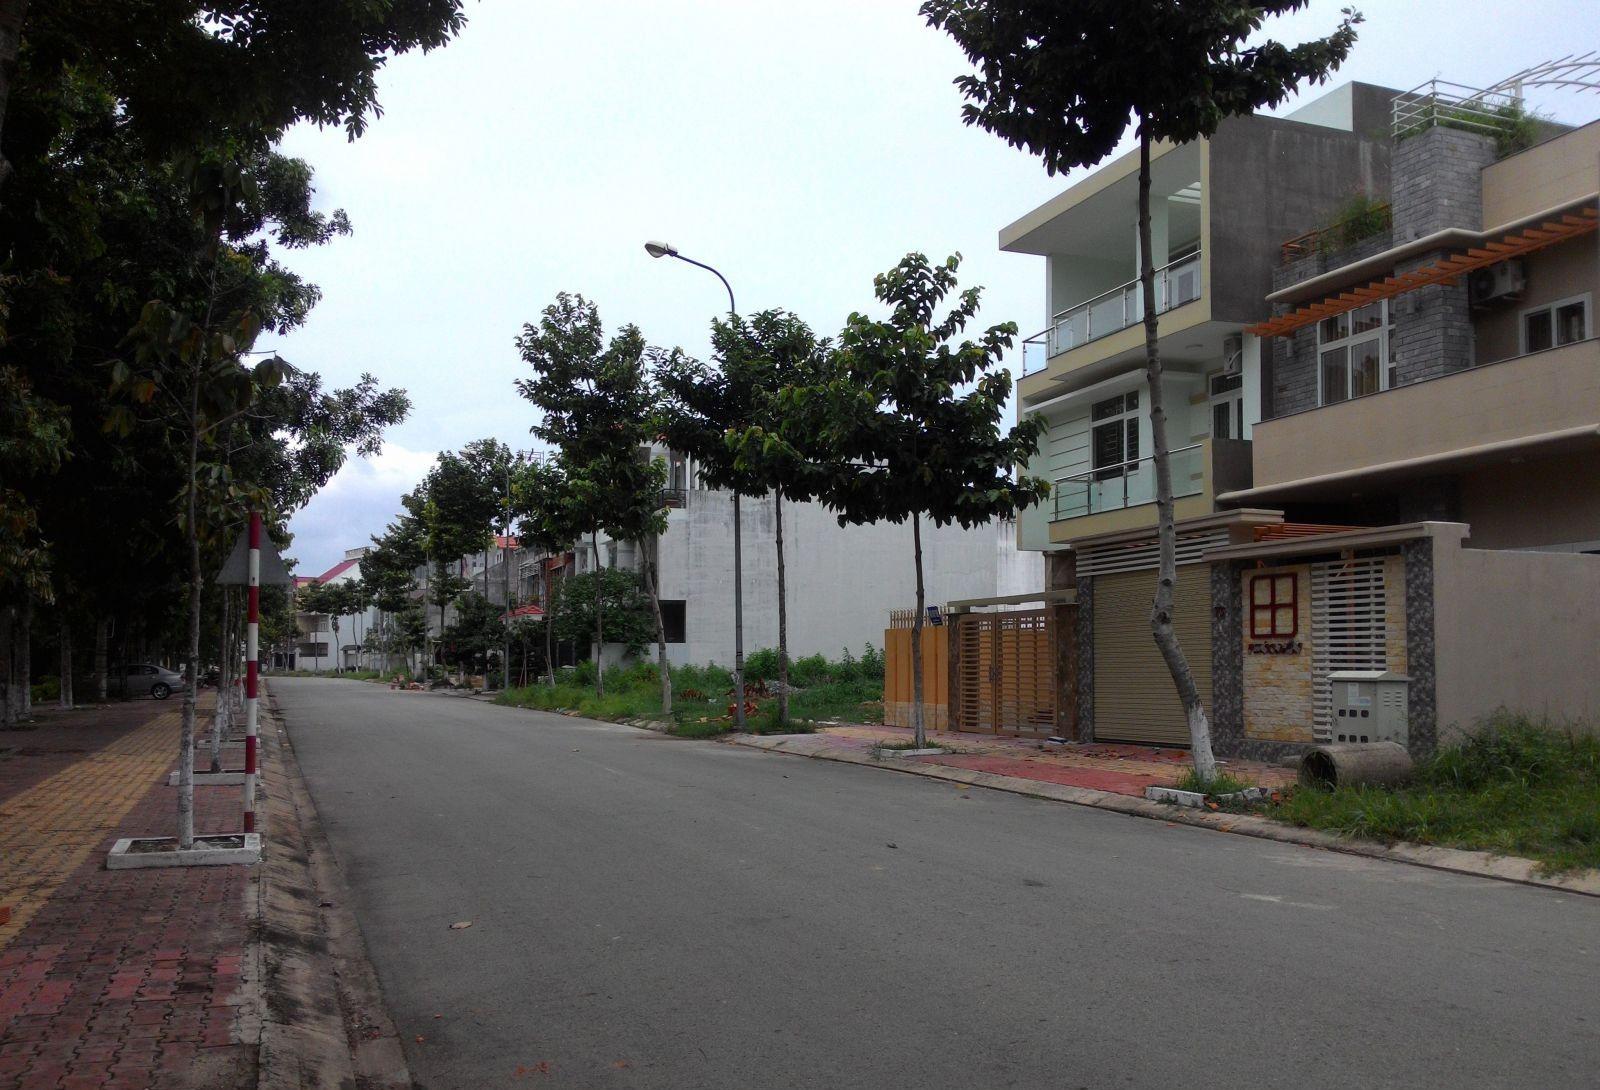 nhà đất nằm tại mặt đường lớn có hàng cây